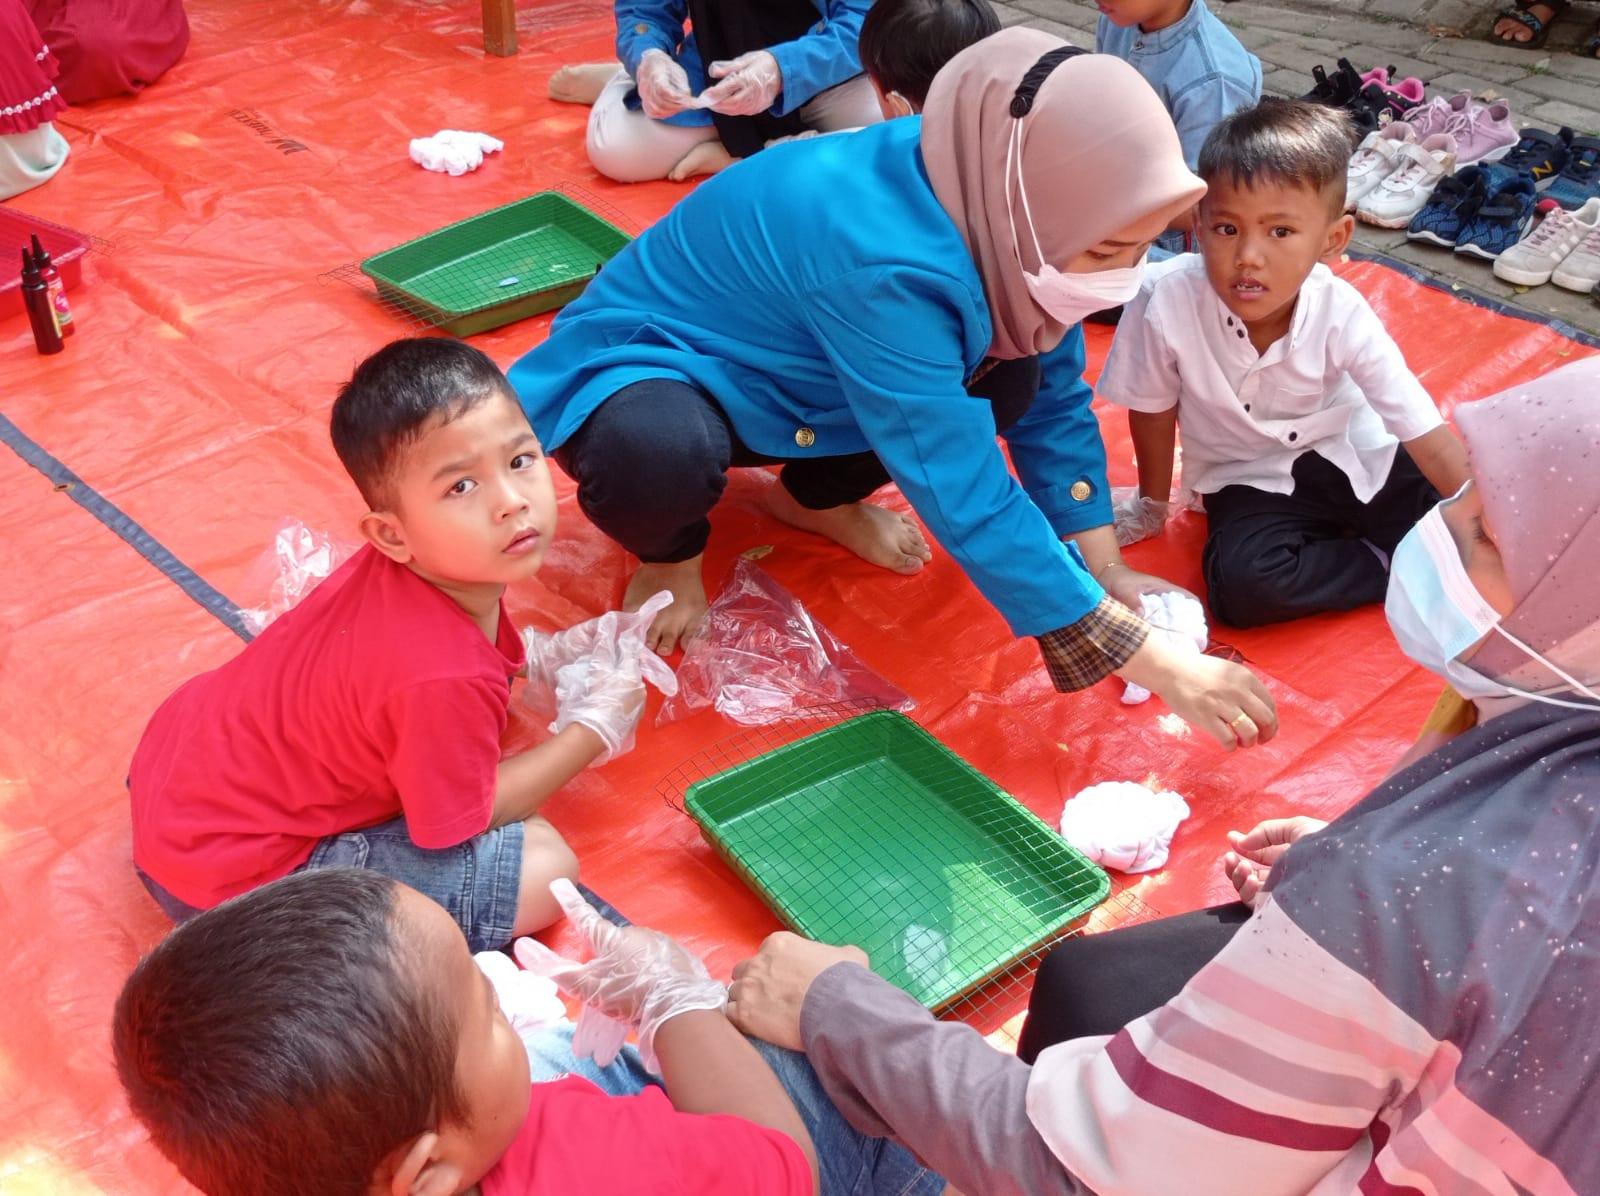 Mahasiswa Universitas Pamulang (Unpam) Progam Studi S1 Akuntansi melakukan kegiatan Pengabdian Kepada Masyarakat (PKM) bersama anak-anak di TK. AL-Latief yang berlokasi di Jl. Roda Hias RT 004/02 Serpong, Kecamatan Serpong, Kota Tangerang Selatan.